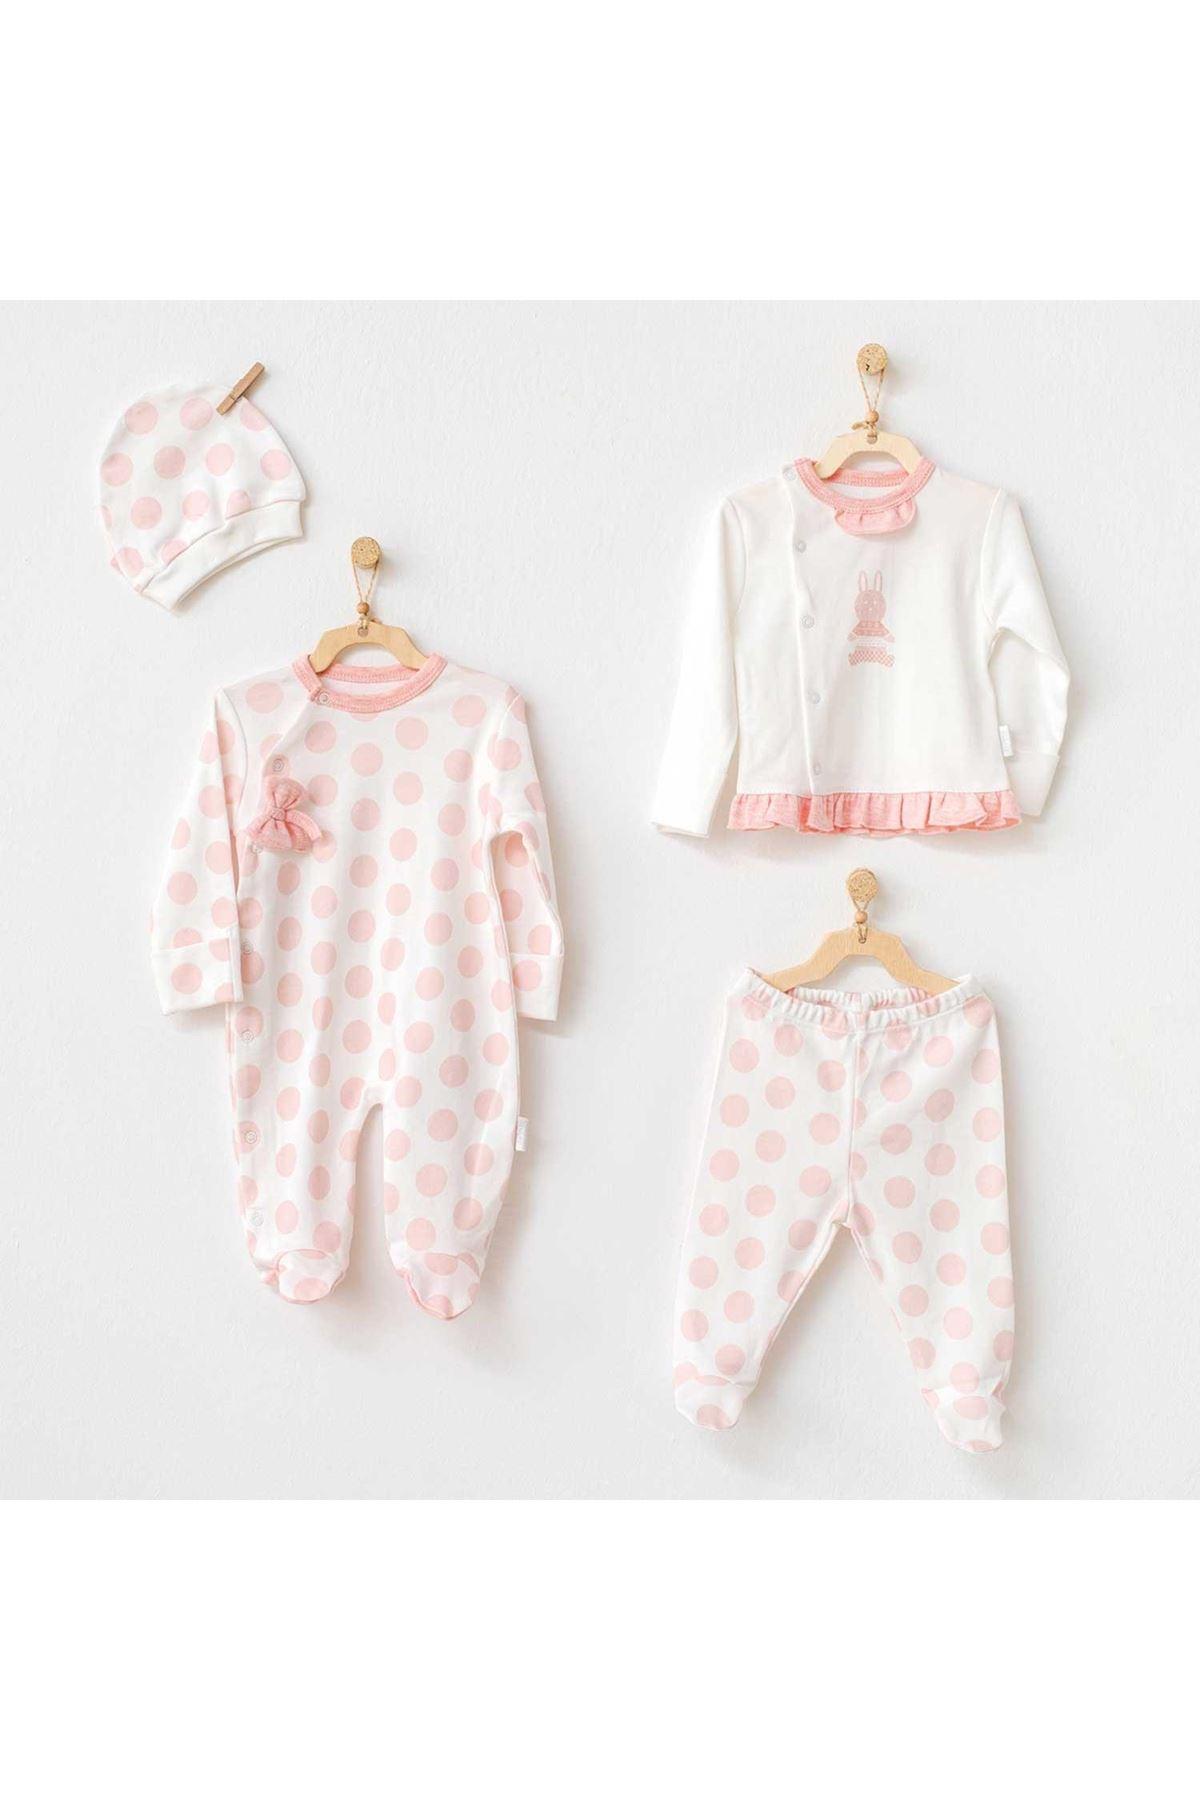 Andywawa AC21134 Polka Dot 4lü Bebek Hastane Çıkışı Tulum Set Pink